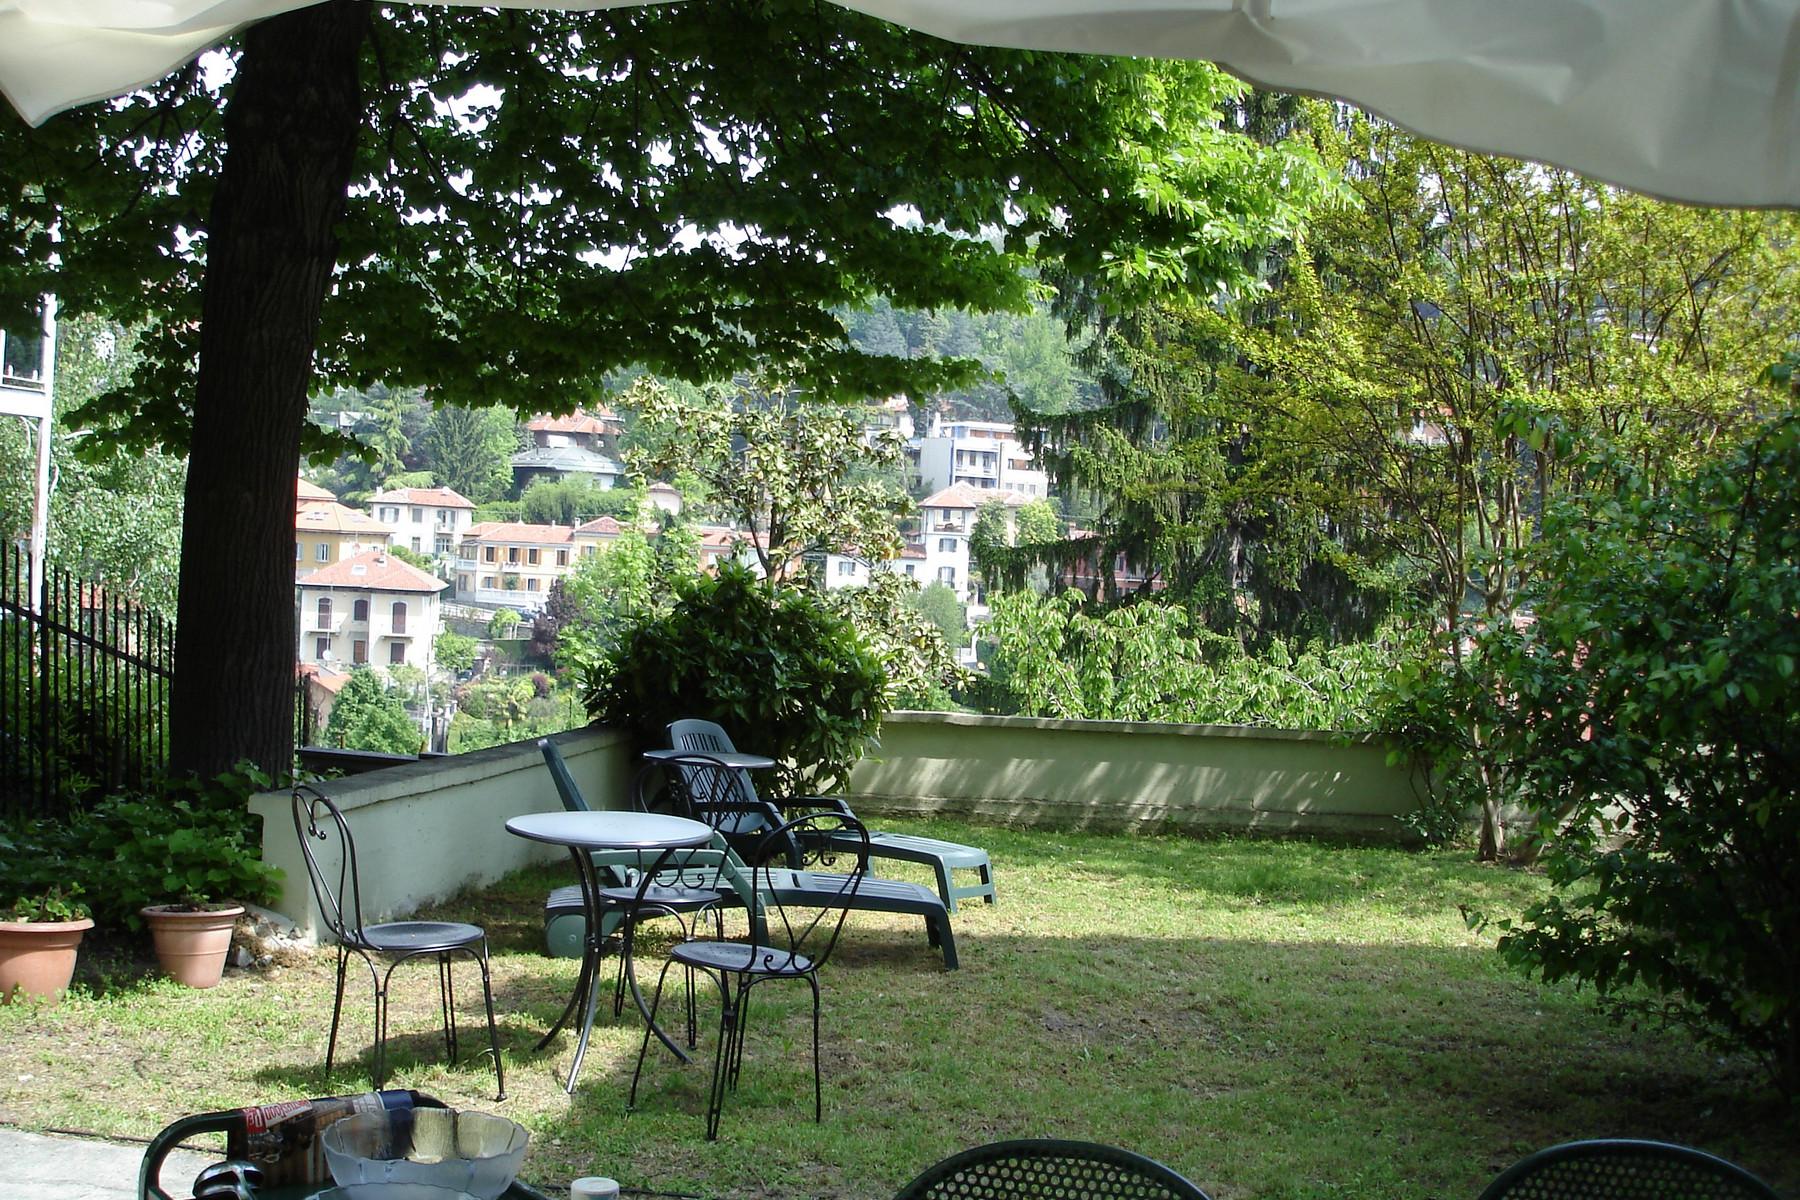 Casa indipendente di lusso in vendita a torino via viale for Case di pregio in vendita a roma